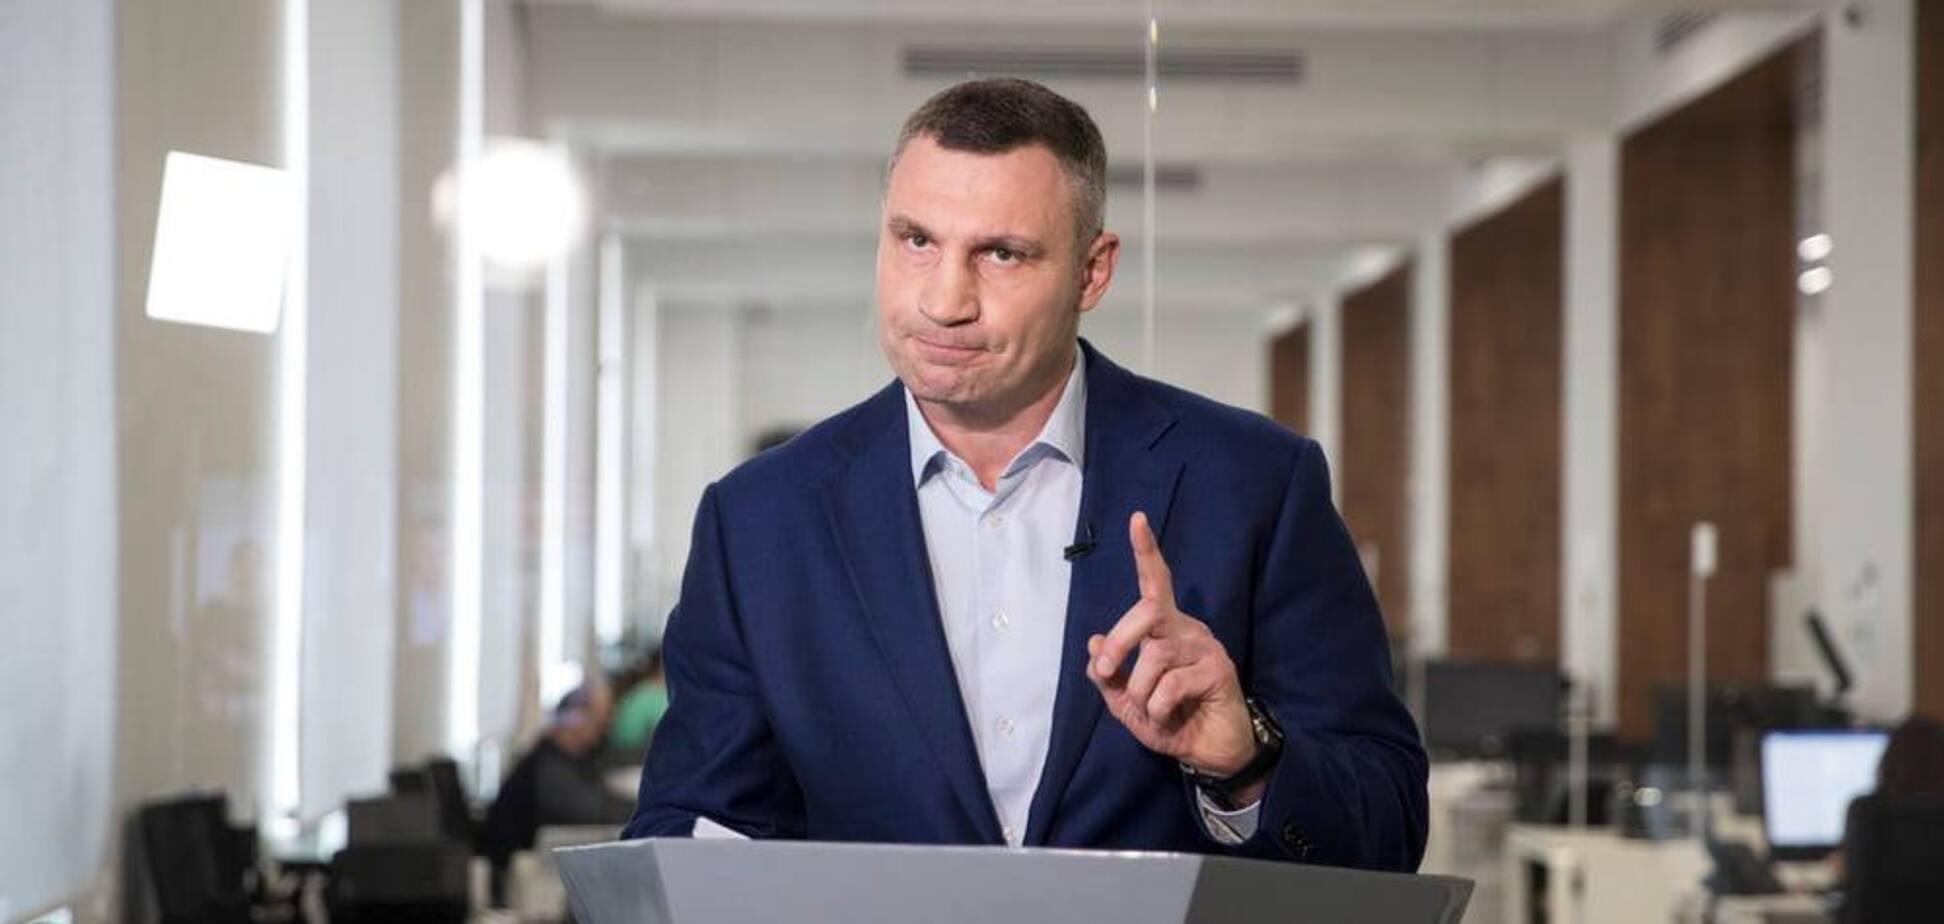 Кличко призвал Кабмин помочь бизнесу компенсациями и льготами